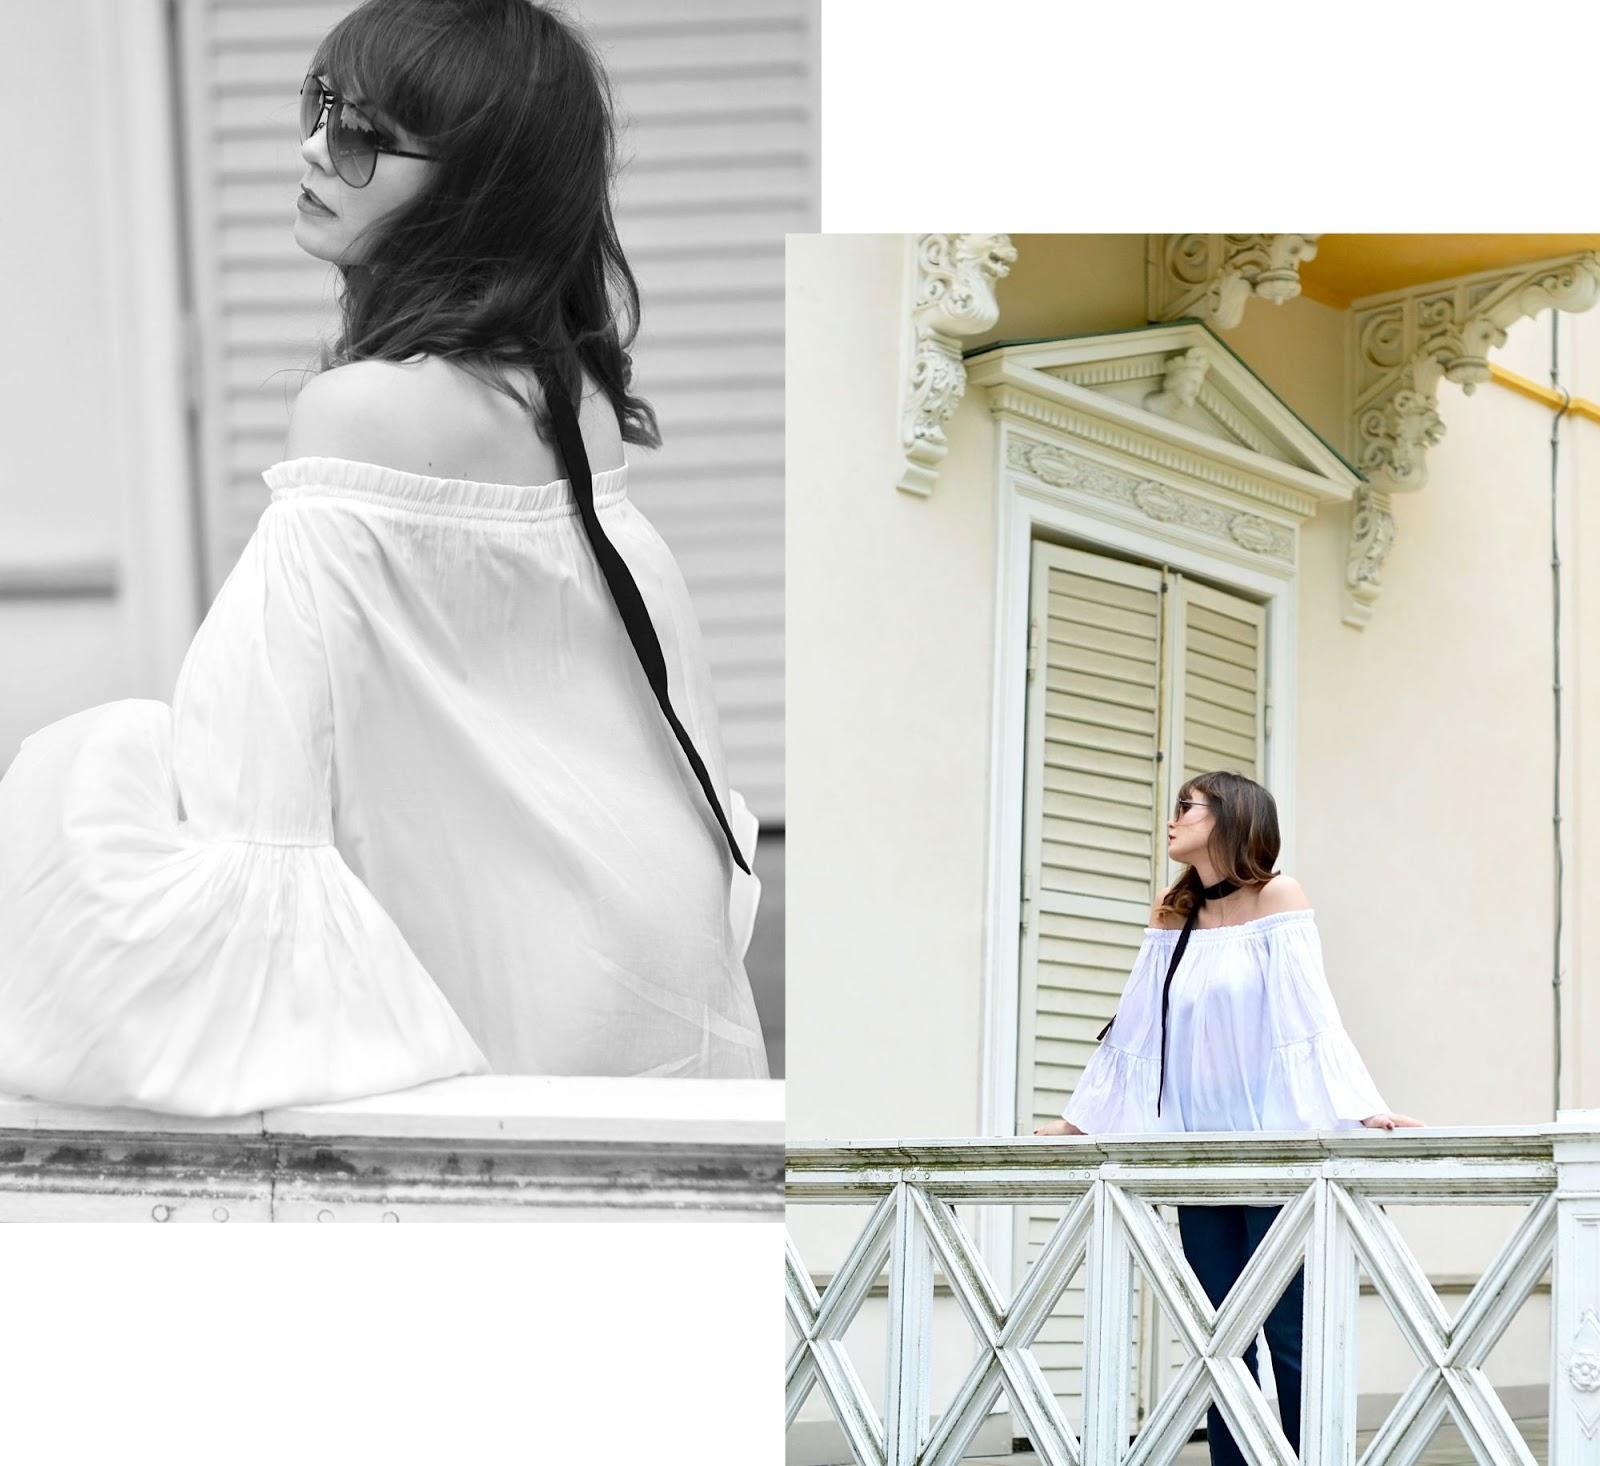 blog o relacjach | o swiadomym zyciu | o modzie | blogerka z krakowa